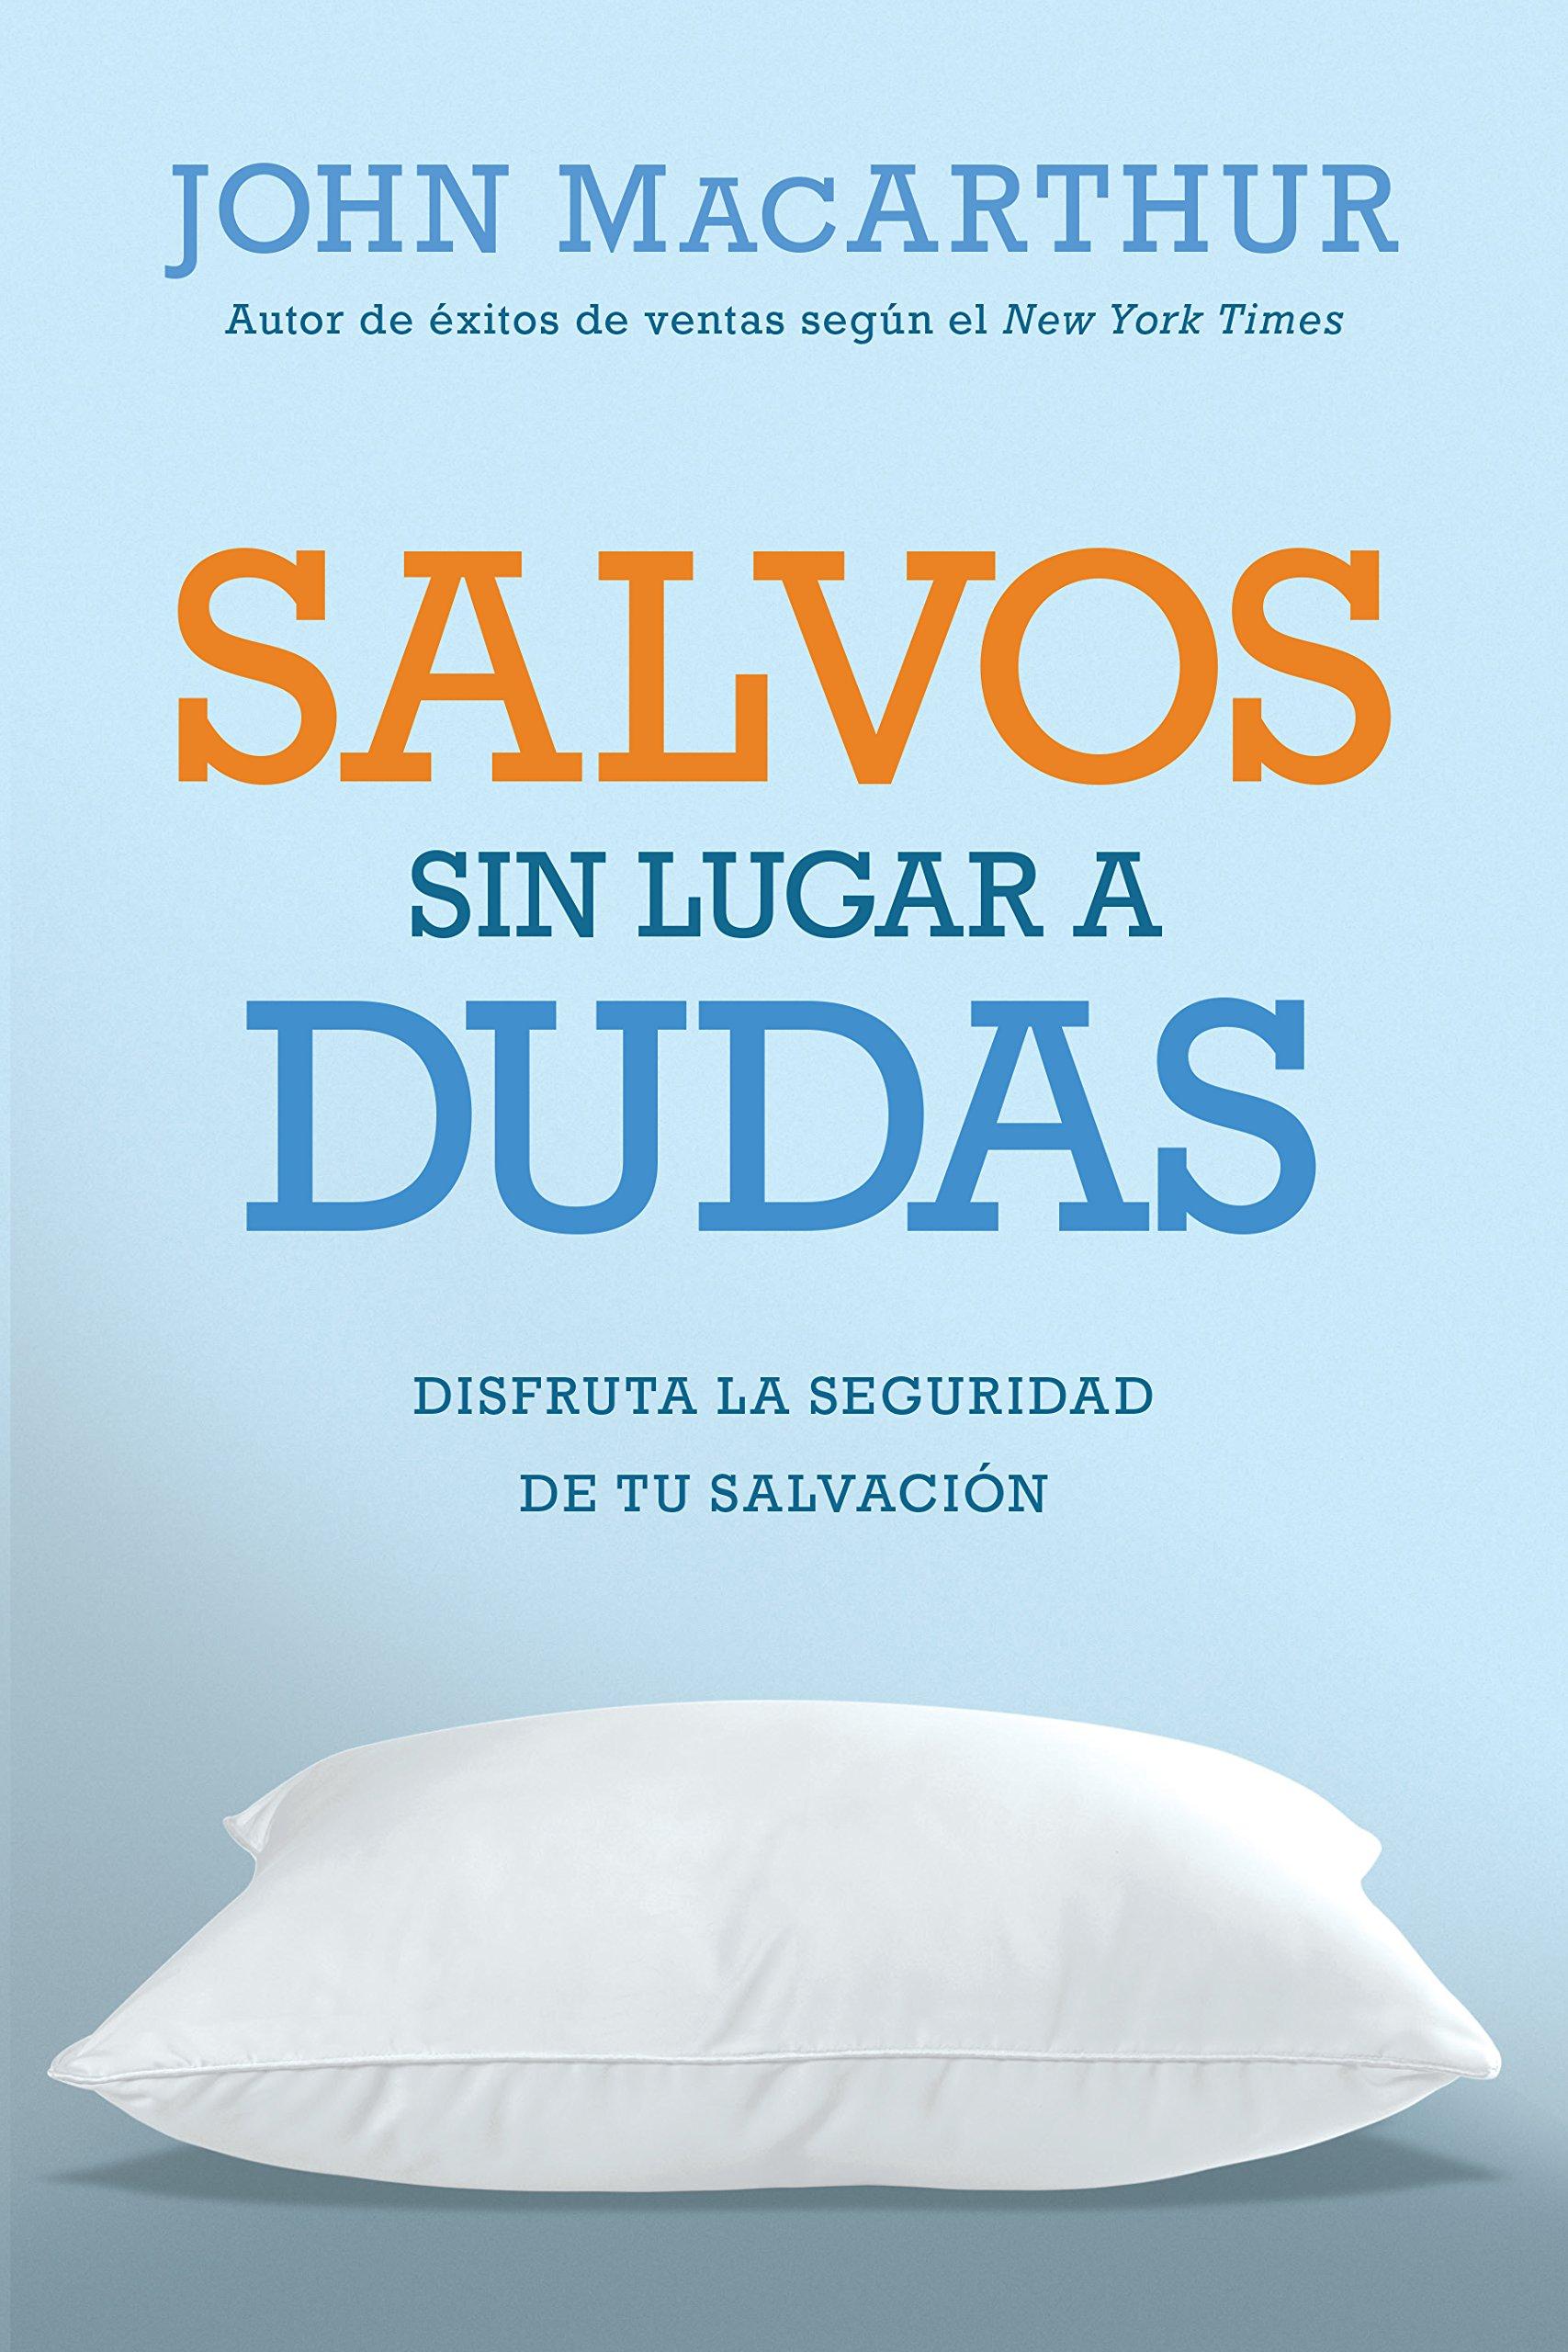 Salvos sin lugar a dudas  Disfruta la seguridad de tu salvación (Spanish  Edition)  John MacArthur  9780825456077  Amazon.com  Books cbf36612ea